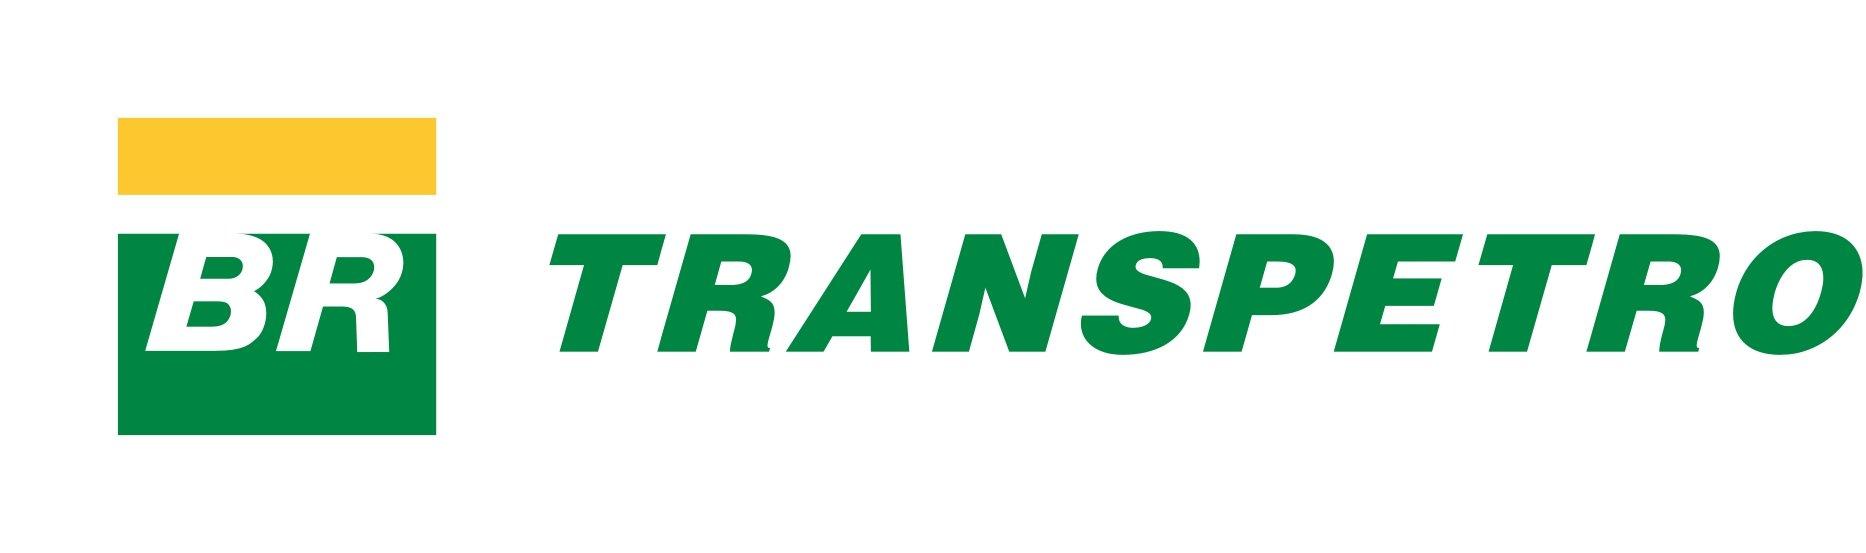 ATO hoje (8) a partir de 12h – Todos ao CNCL Não ao assédio e intimidação aos que lutam! Transpetro